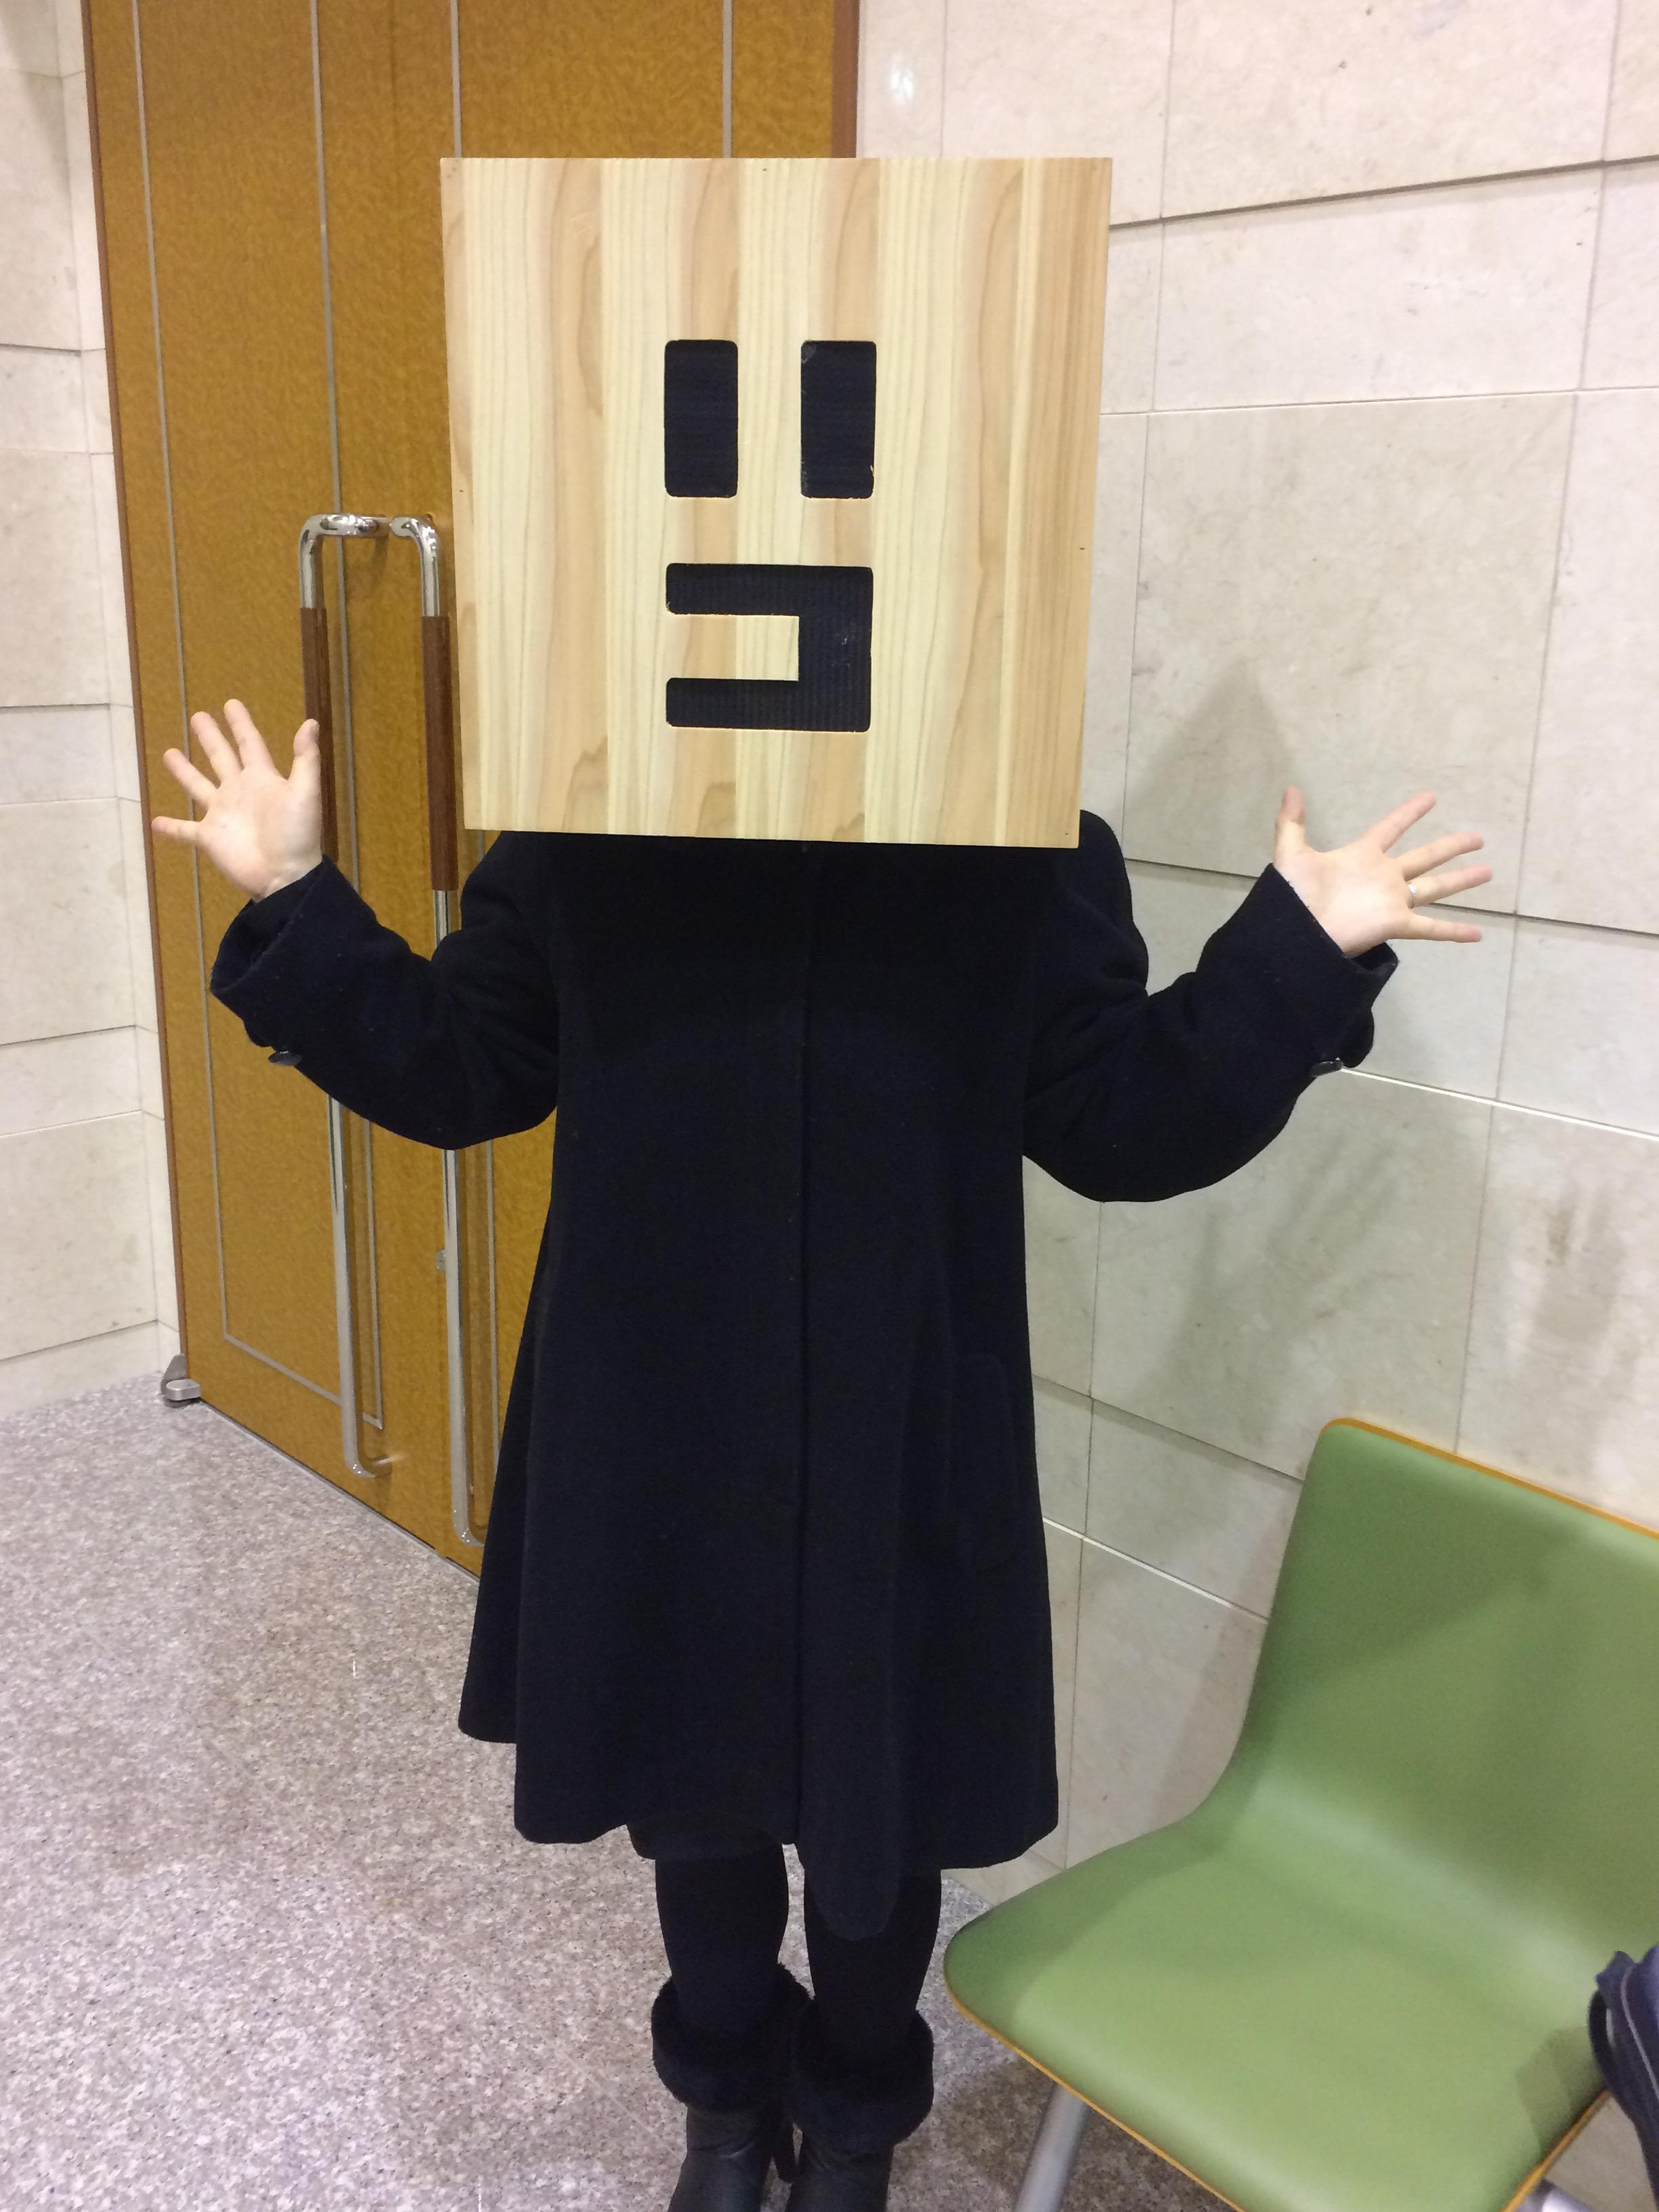 病院木質化プロジェクト成果発表会に行ってきたハコ〜